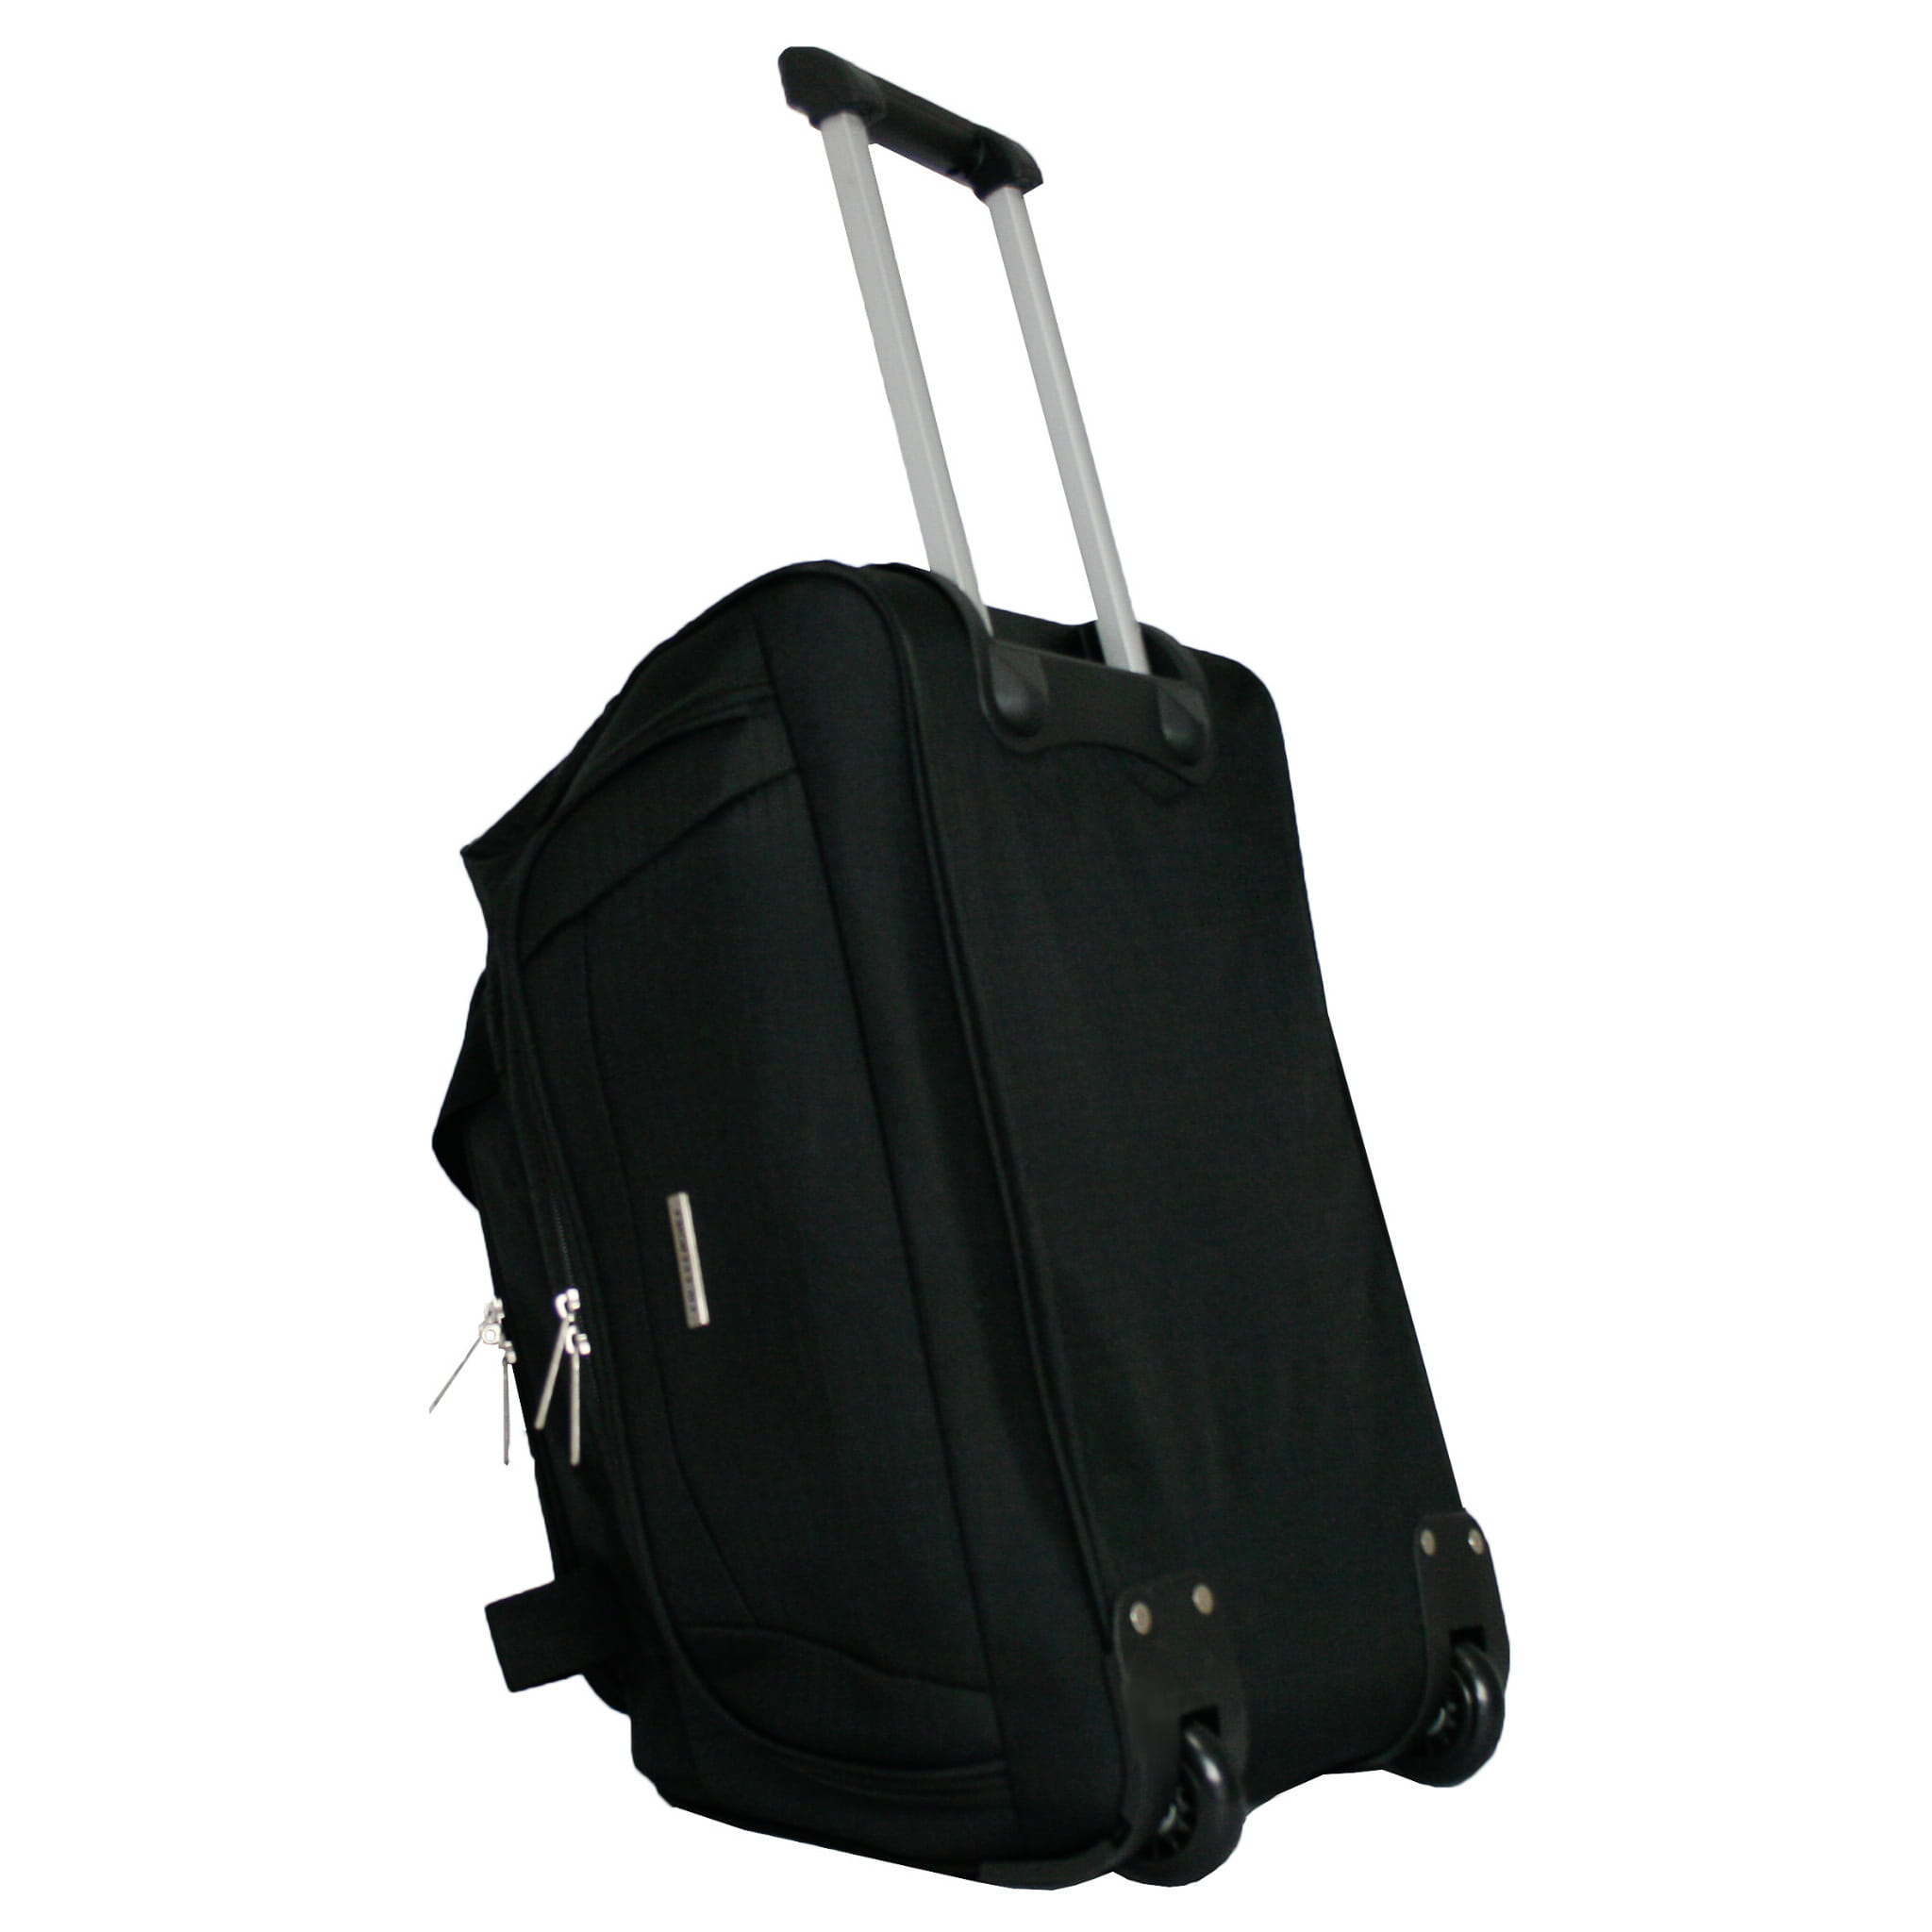 9a4a5460d975a Mała torba podróżna Bellugio